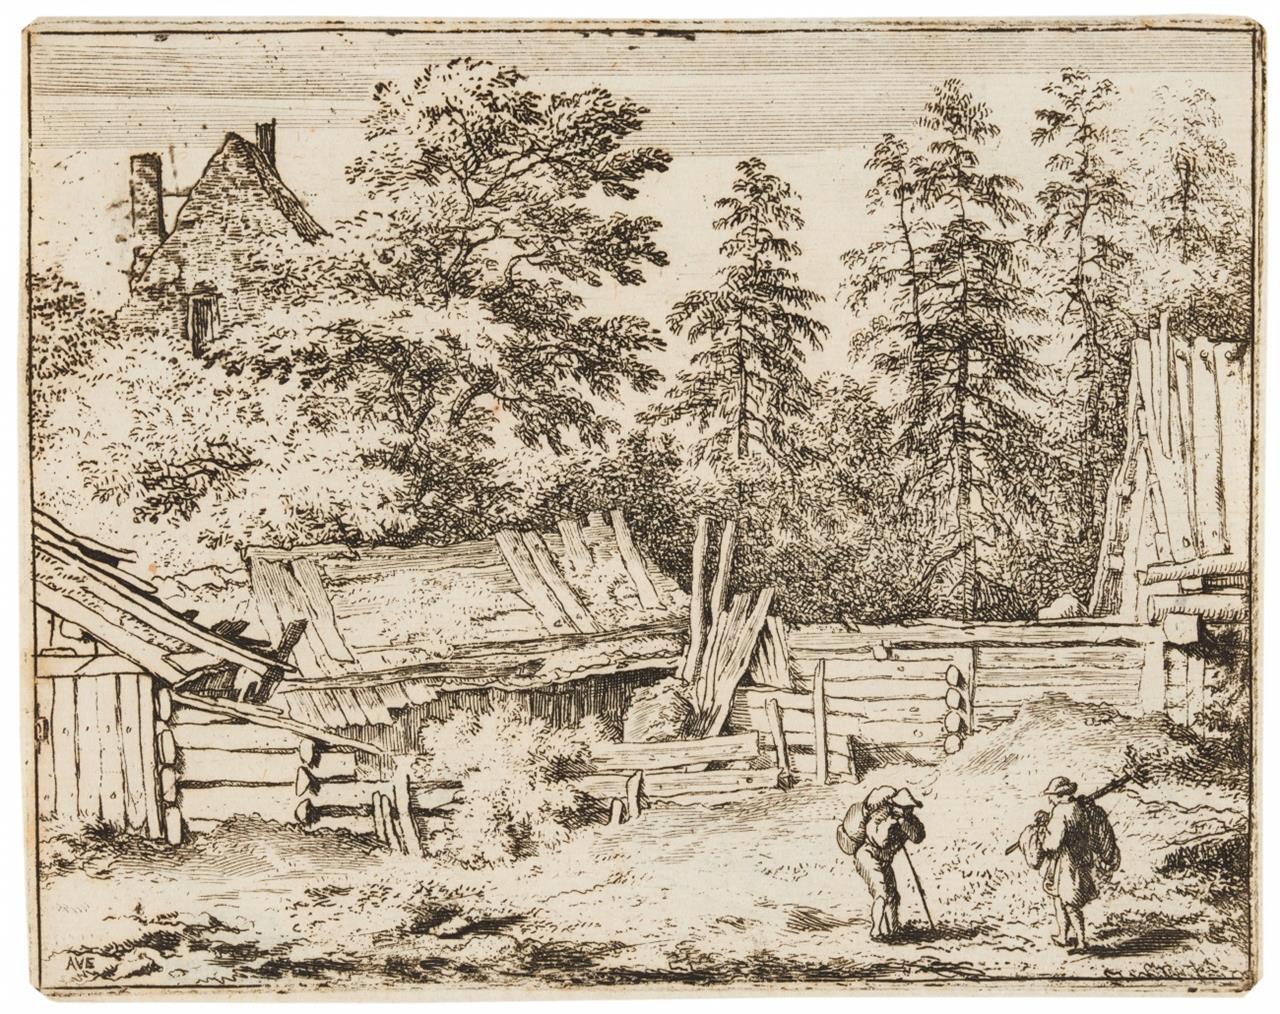 Allart van Everdingen. Die drei Bauernhäuser. Radierung. Hollstein 92 II (von II).